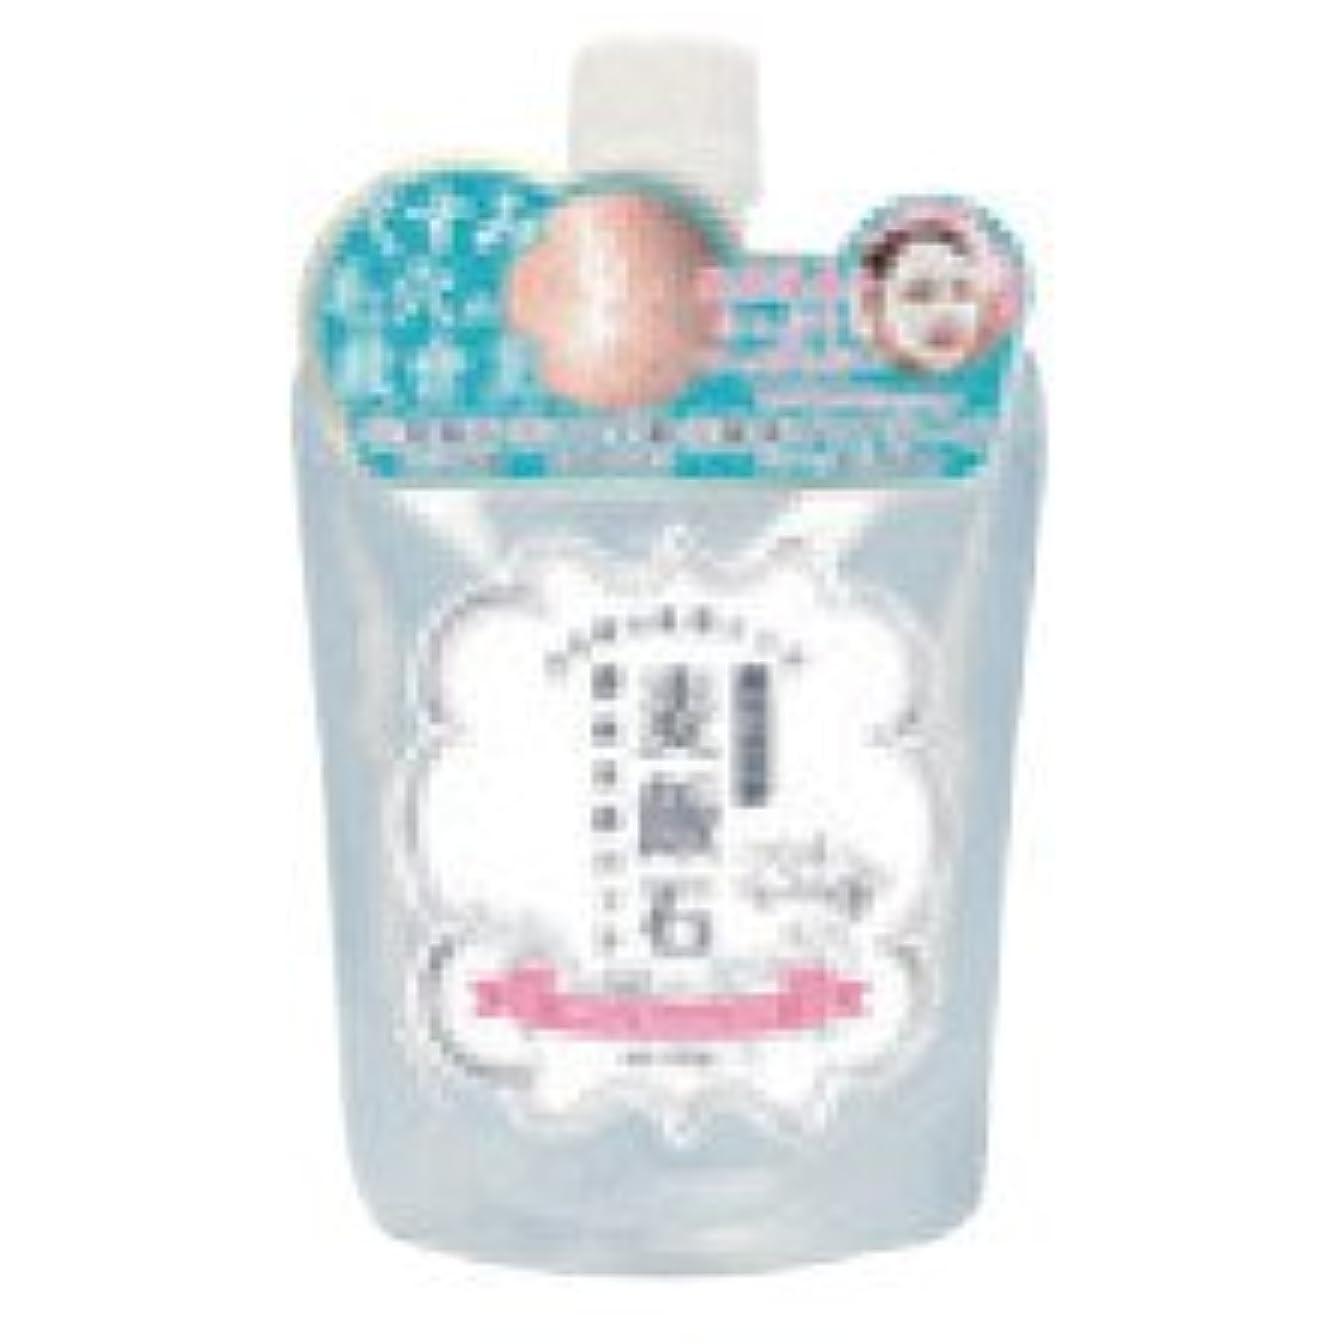 面白い乳製品多様体ホワイトムースパック 美濃白川麦飯石酵素洗顔パック 100g 3個セット